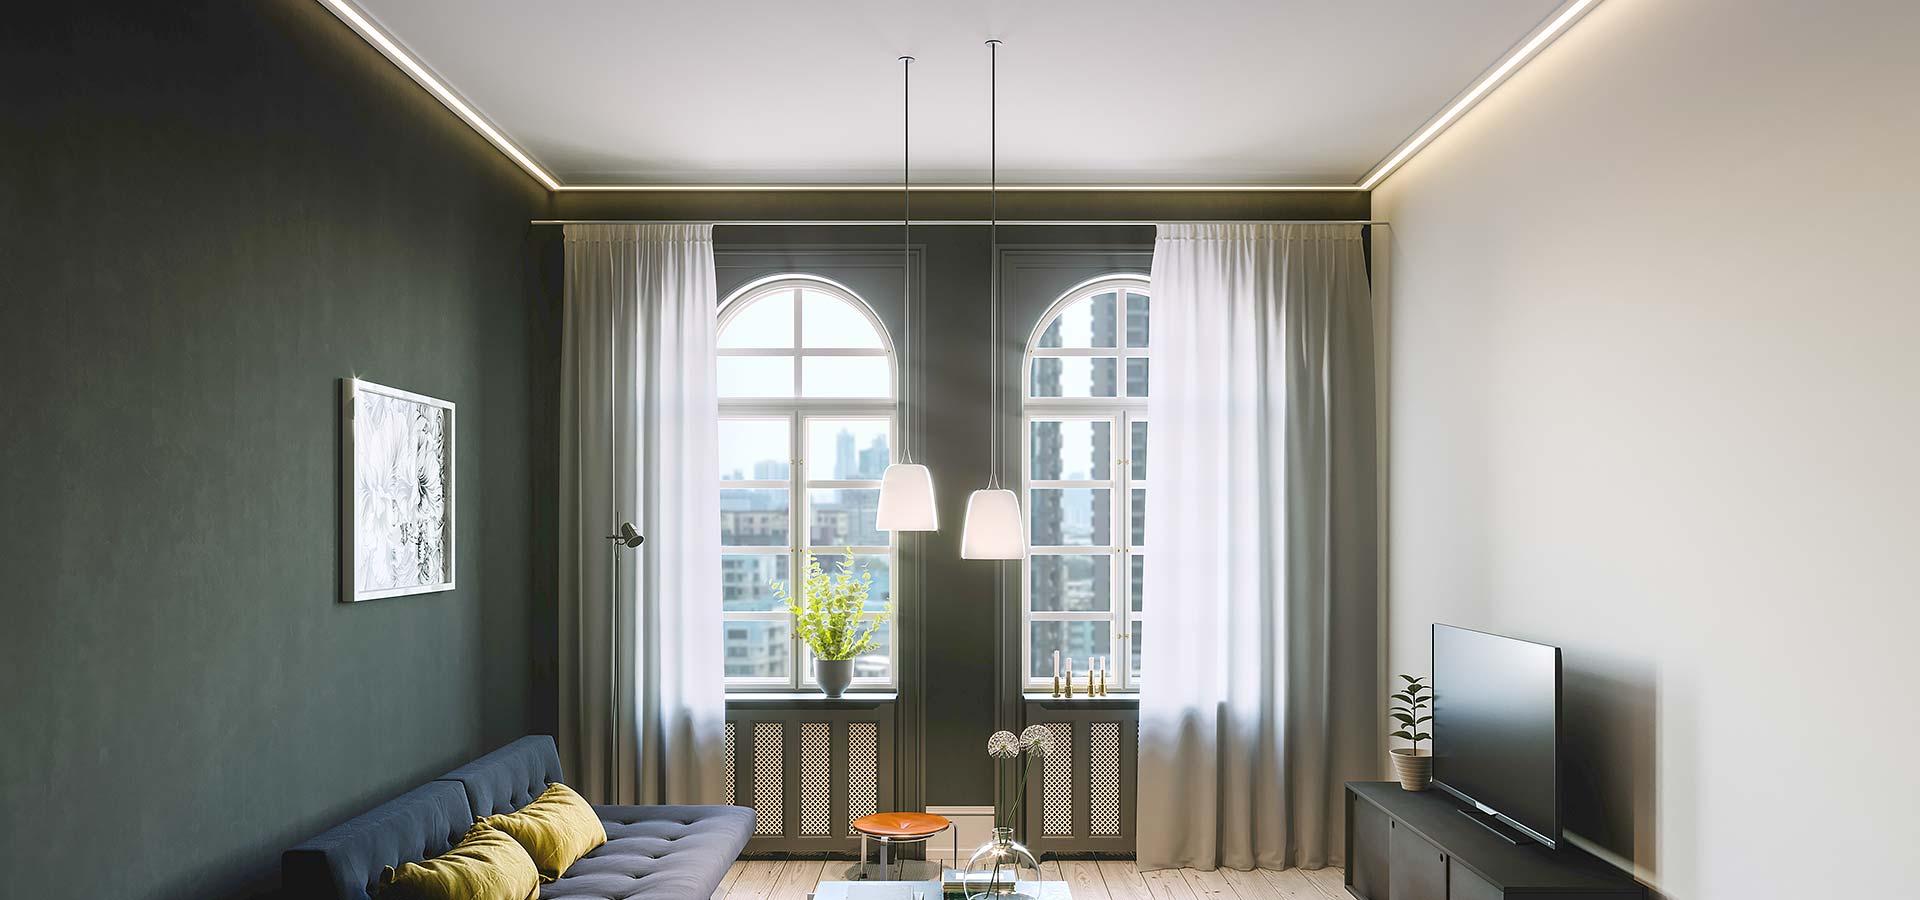 Spanndecke im Wohnzimmer - schnell und sauber montiert mit ...